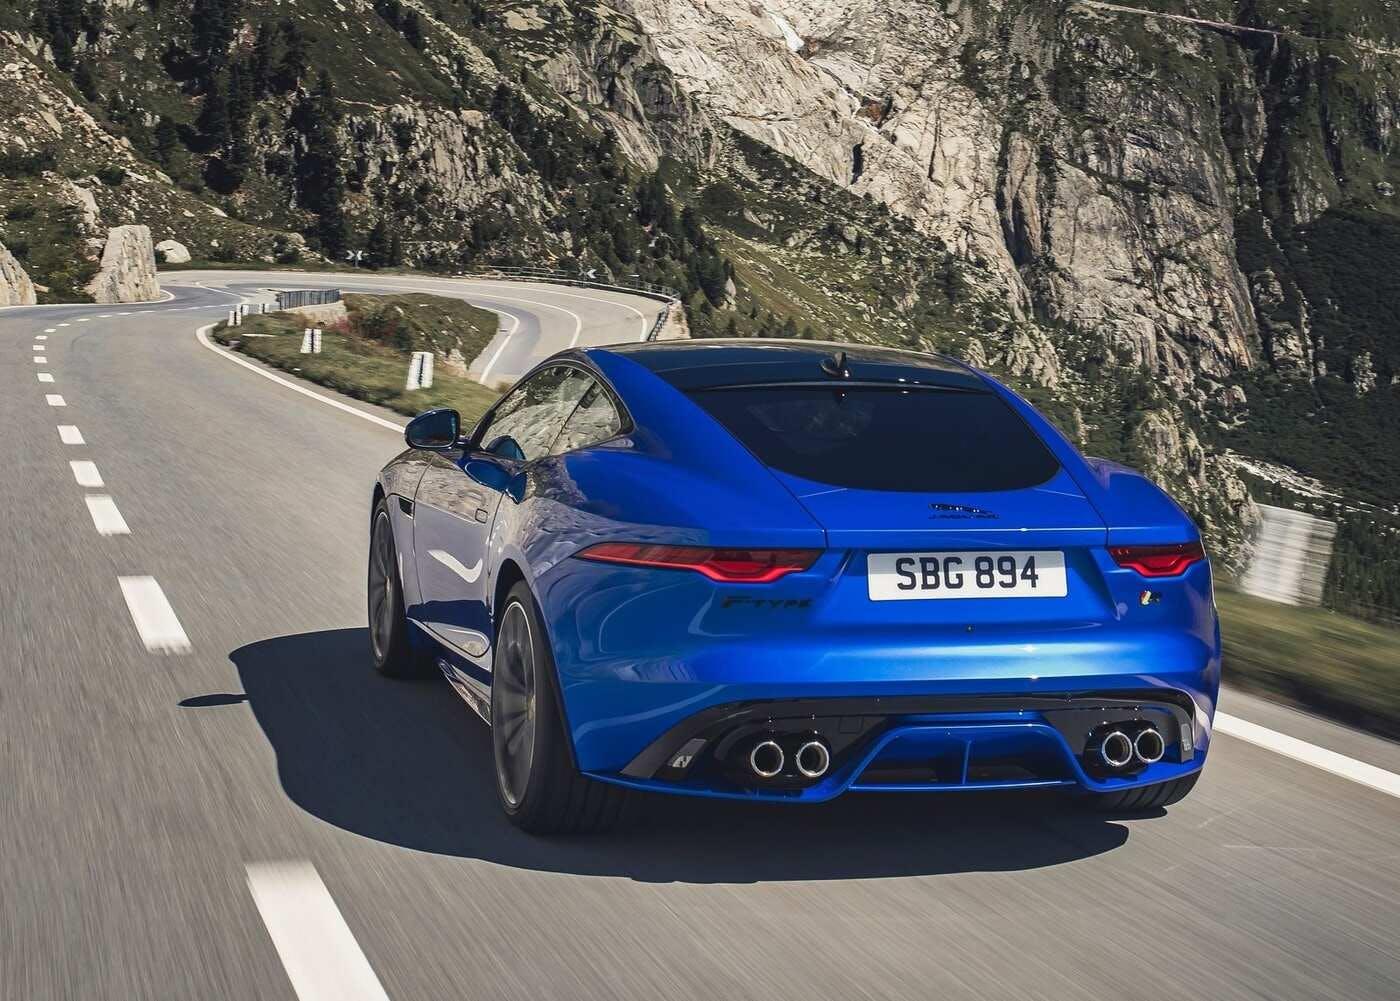 Leasingrate einfach berechnen mit unserem leasingrechner. 2021 Jaguar F Type Lease Deals Specials Truecar